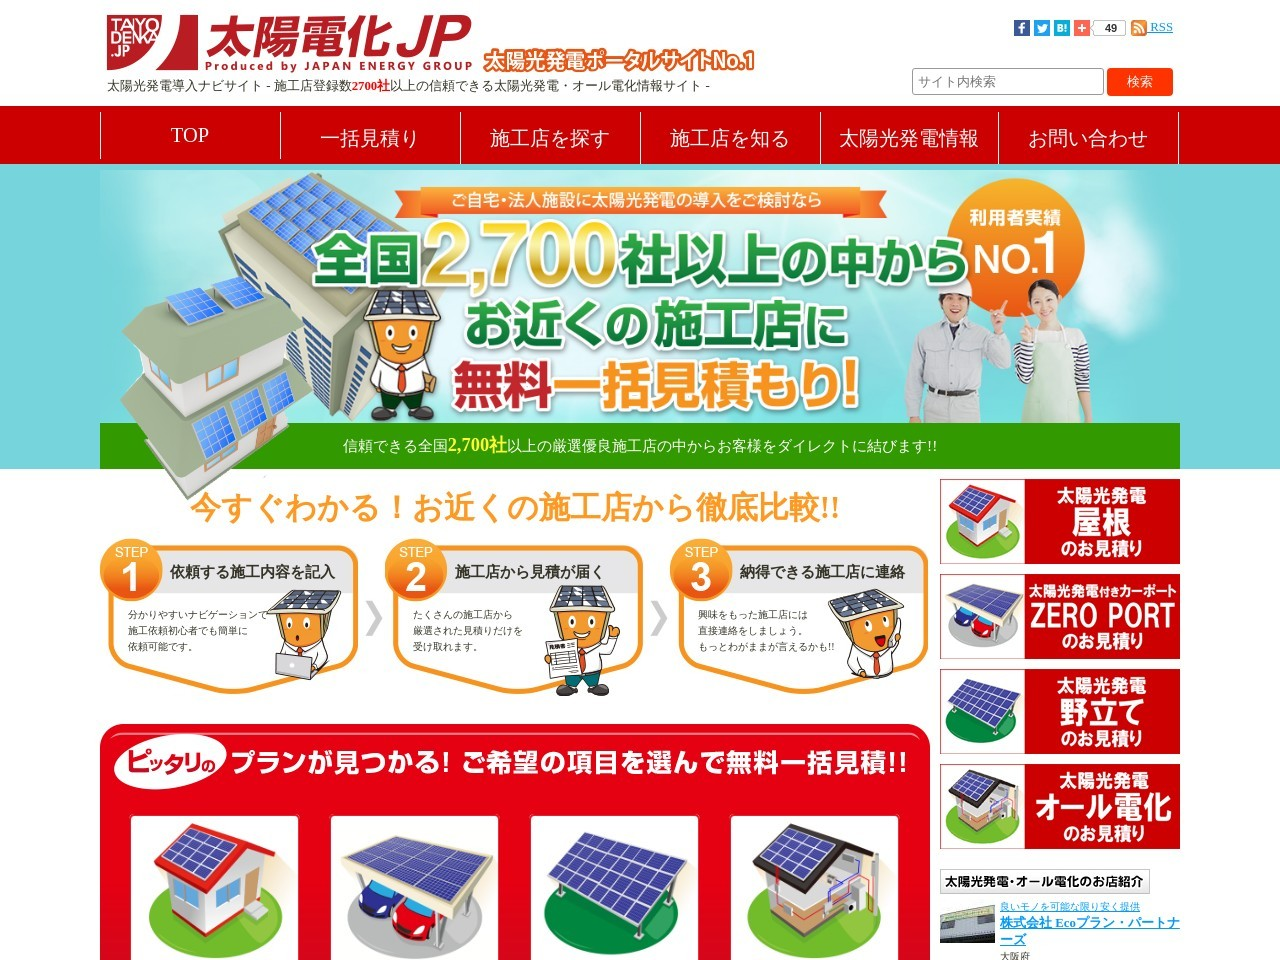 神奈川電器株式会社